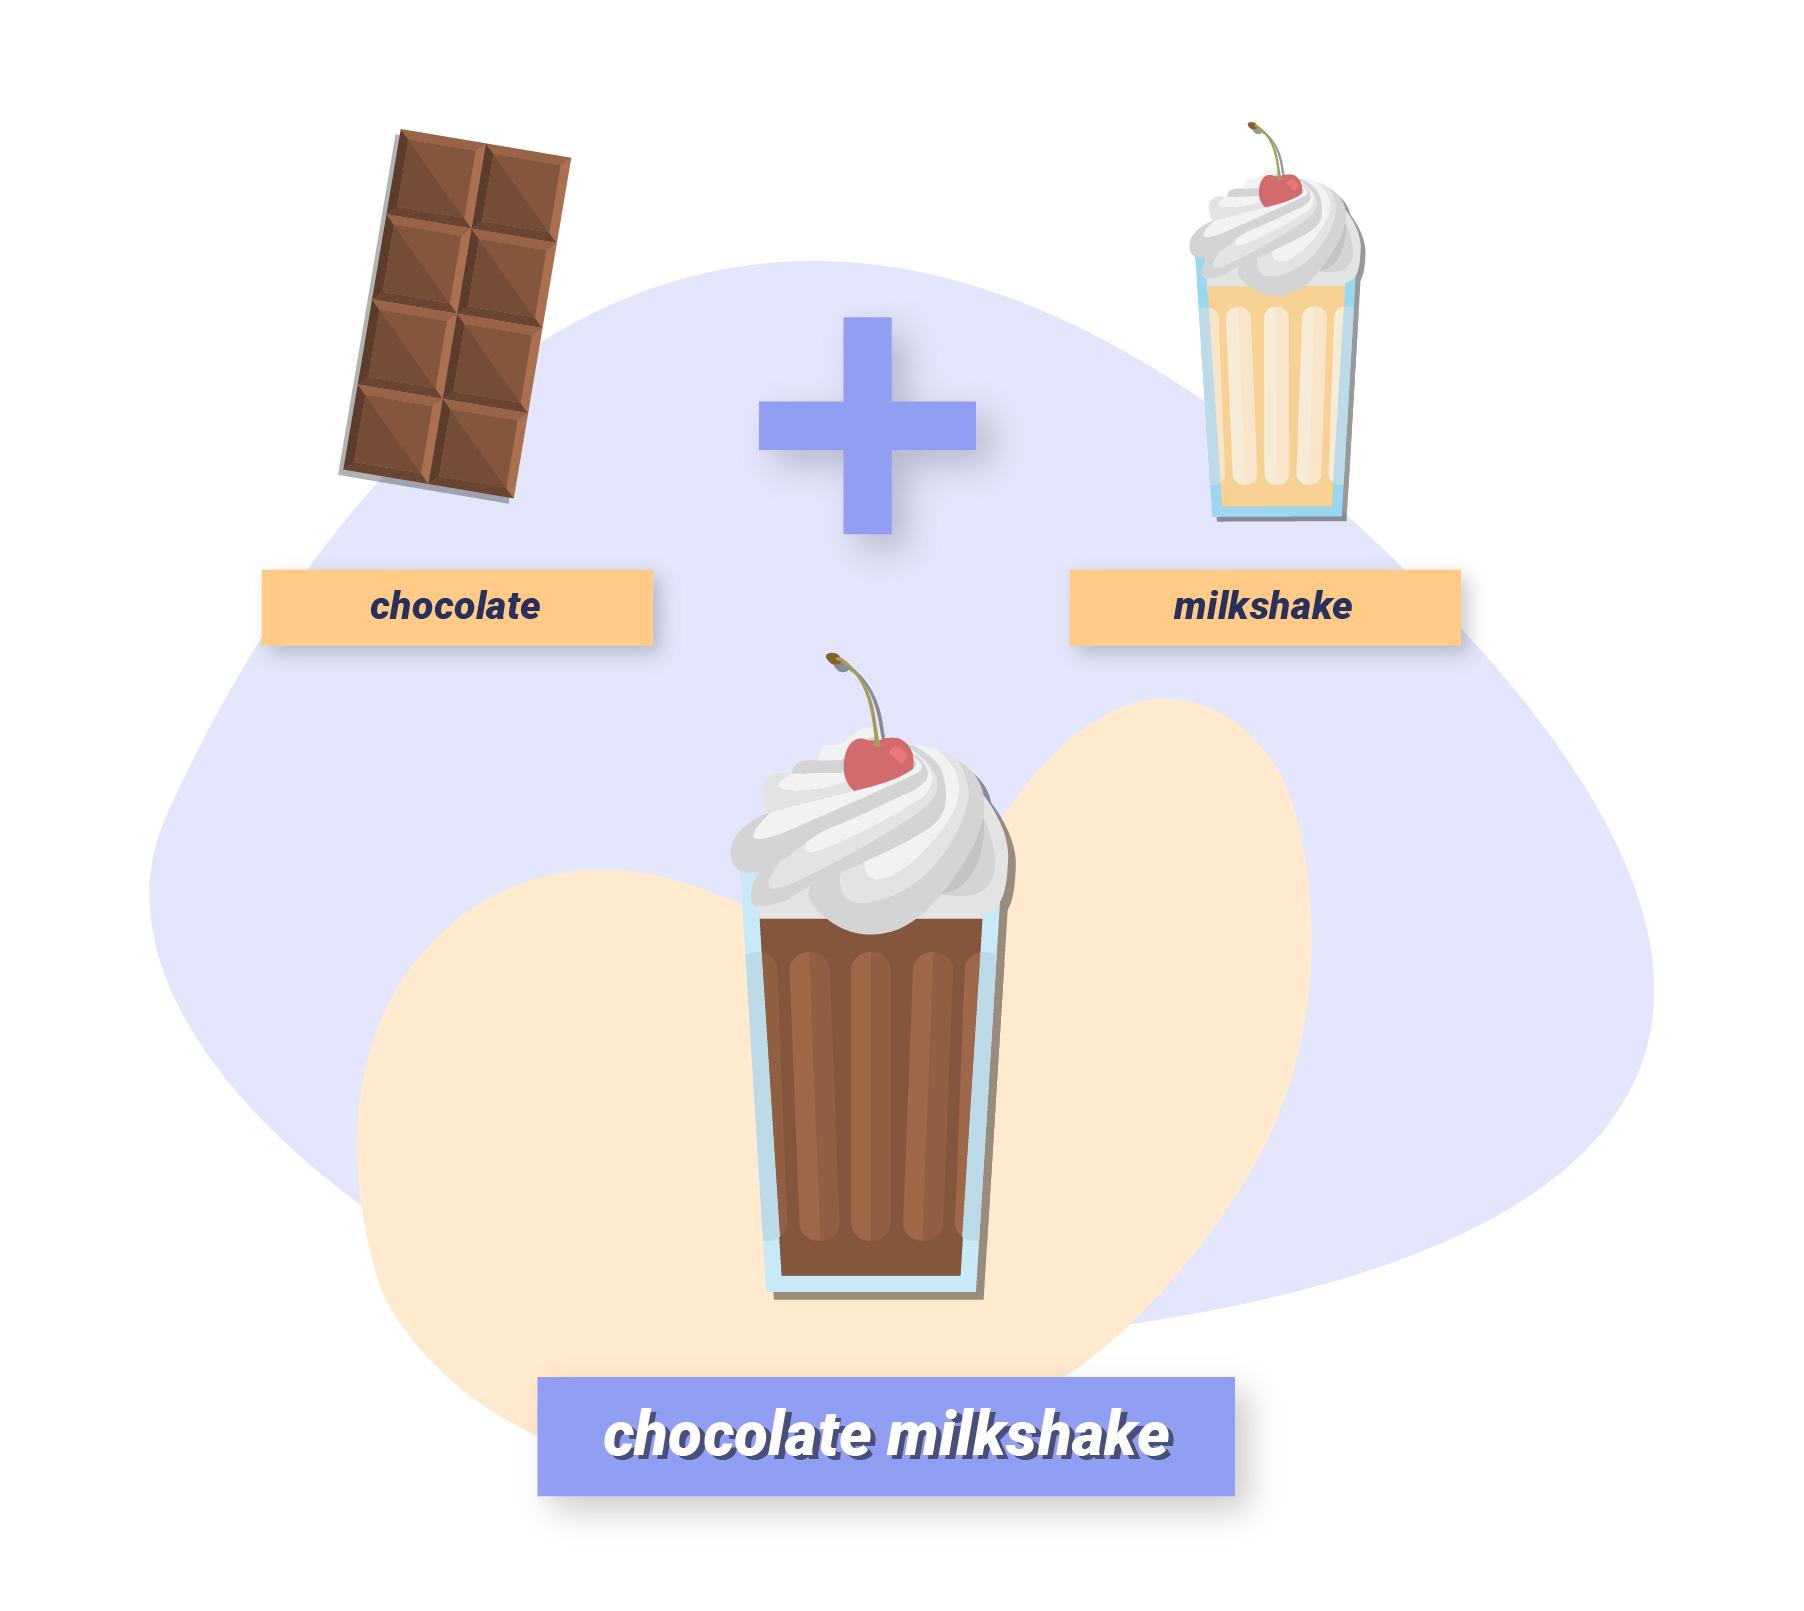 Chocolate milkshake combination